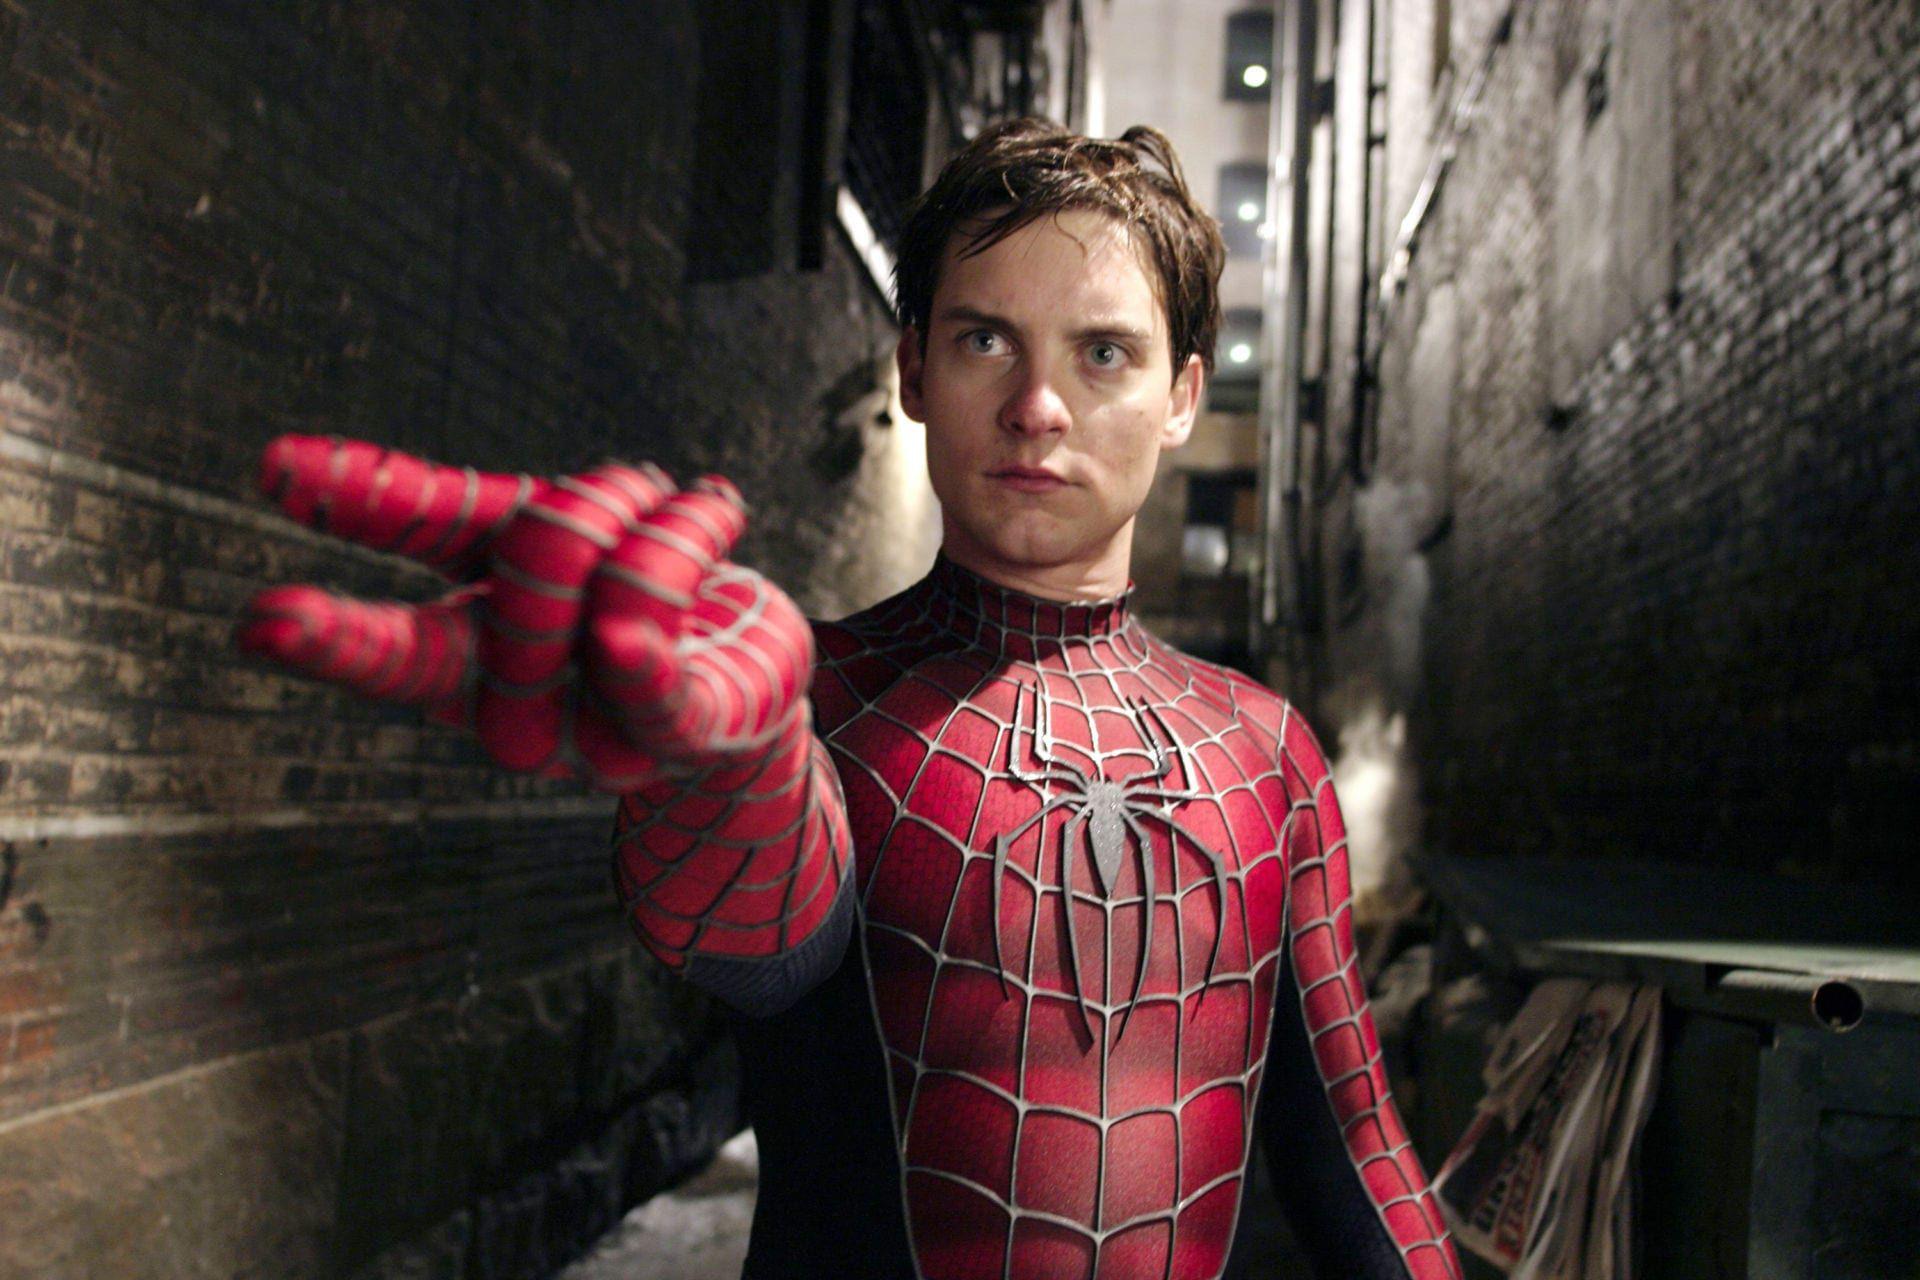 Top 10 phim hành động hay nhất mọi thời đại không thể bỏ qua (2)